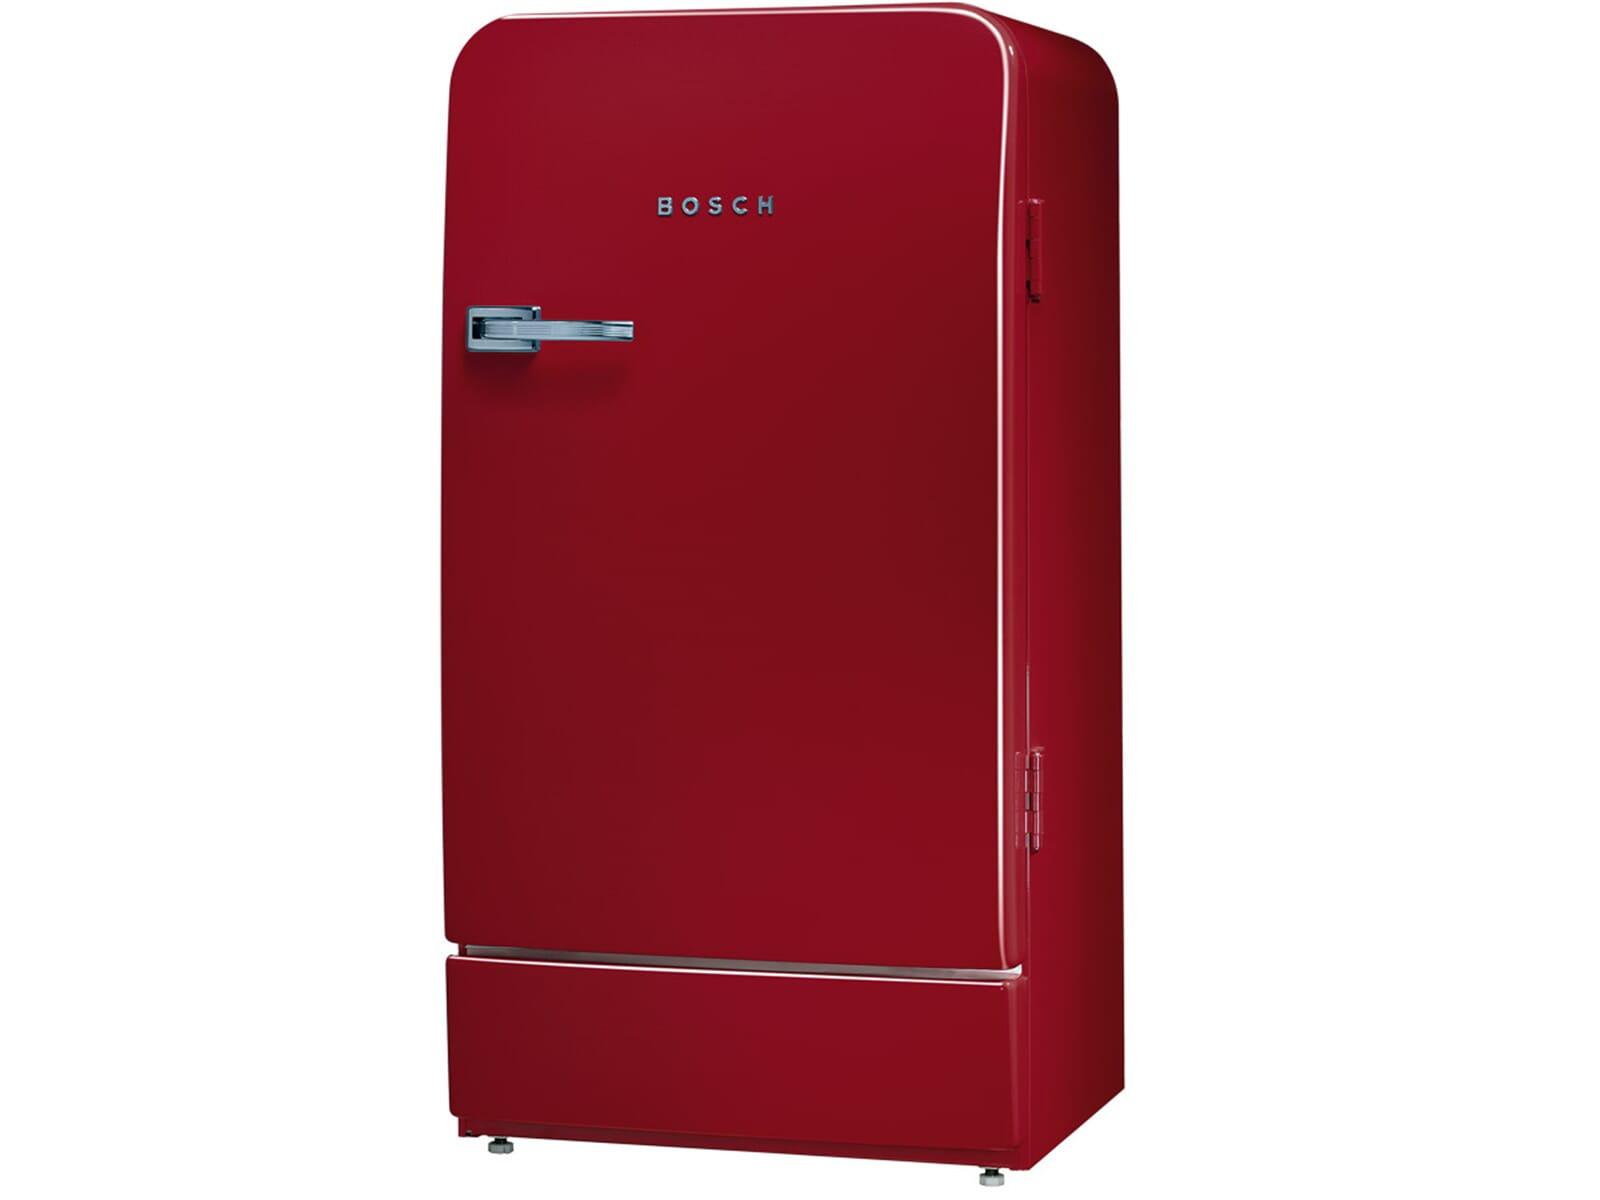 Gorenje Kühlschrank Seriennummer : Design bosch kühlschrank latasha mason